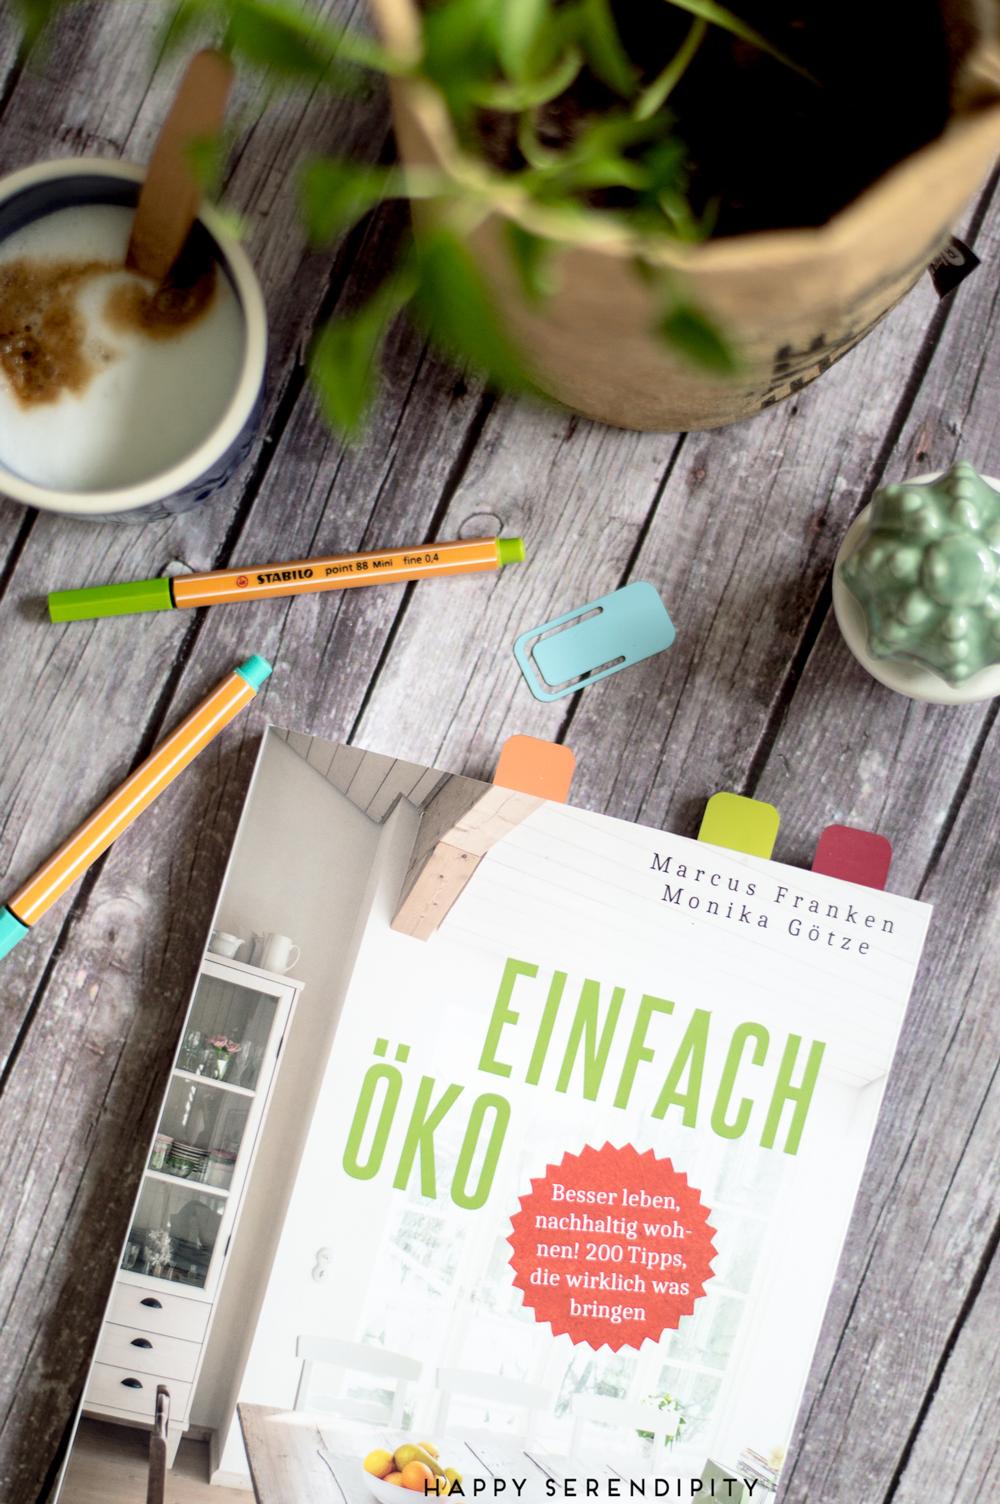 einfach oeko, 7 tipps fuer ein nachhaltigeres leben von happy serendipity